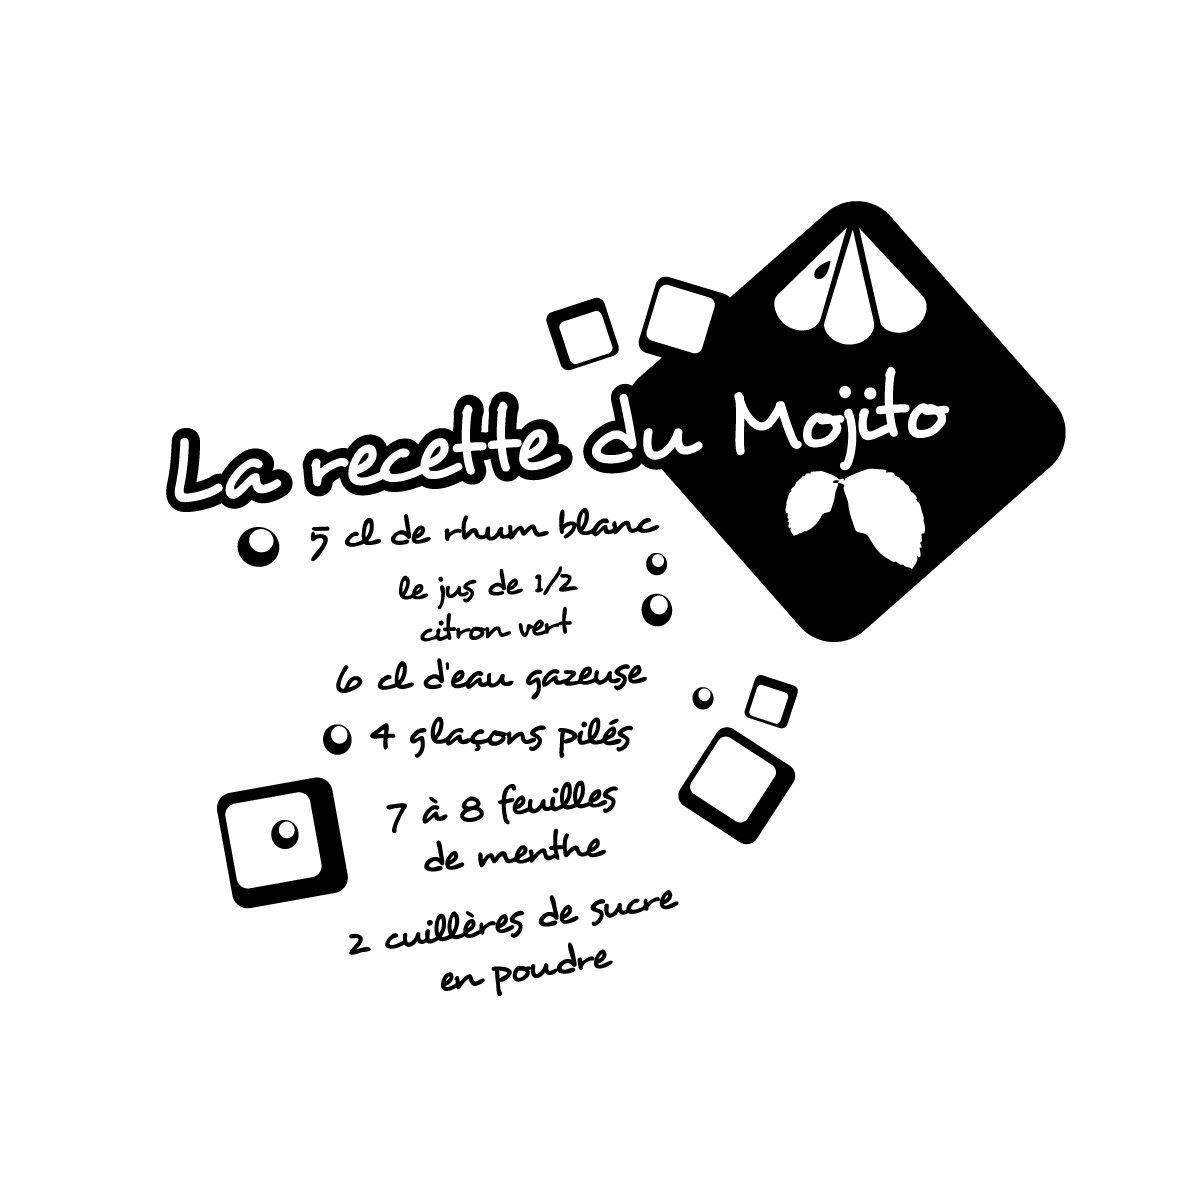 Sticker cuisine recette du mojito - noir -...